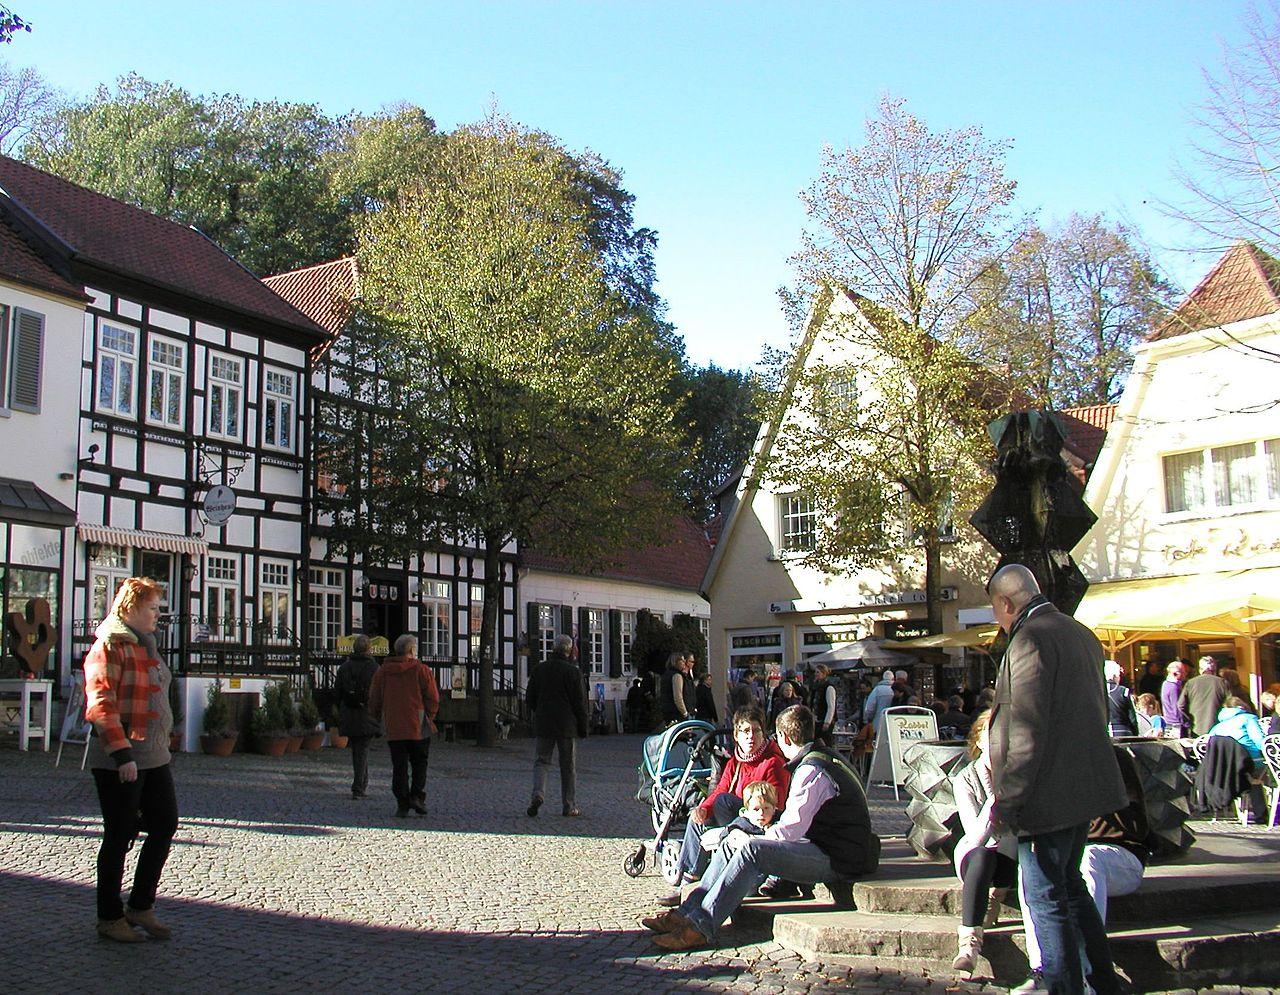 Tecklenburg Markt.jpg